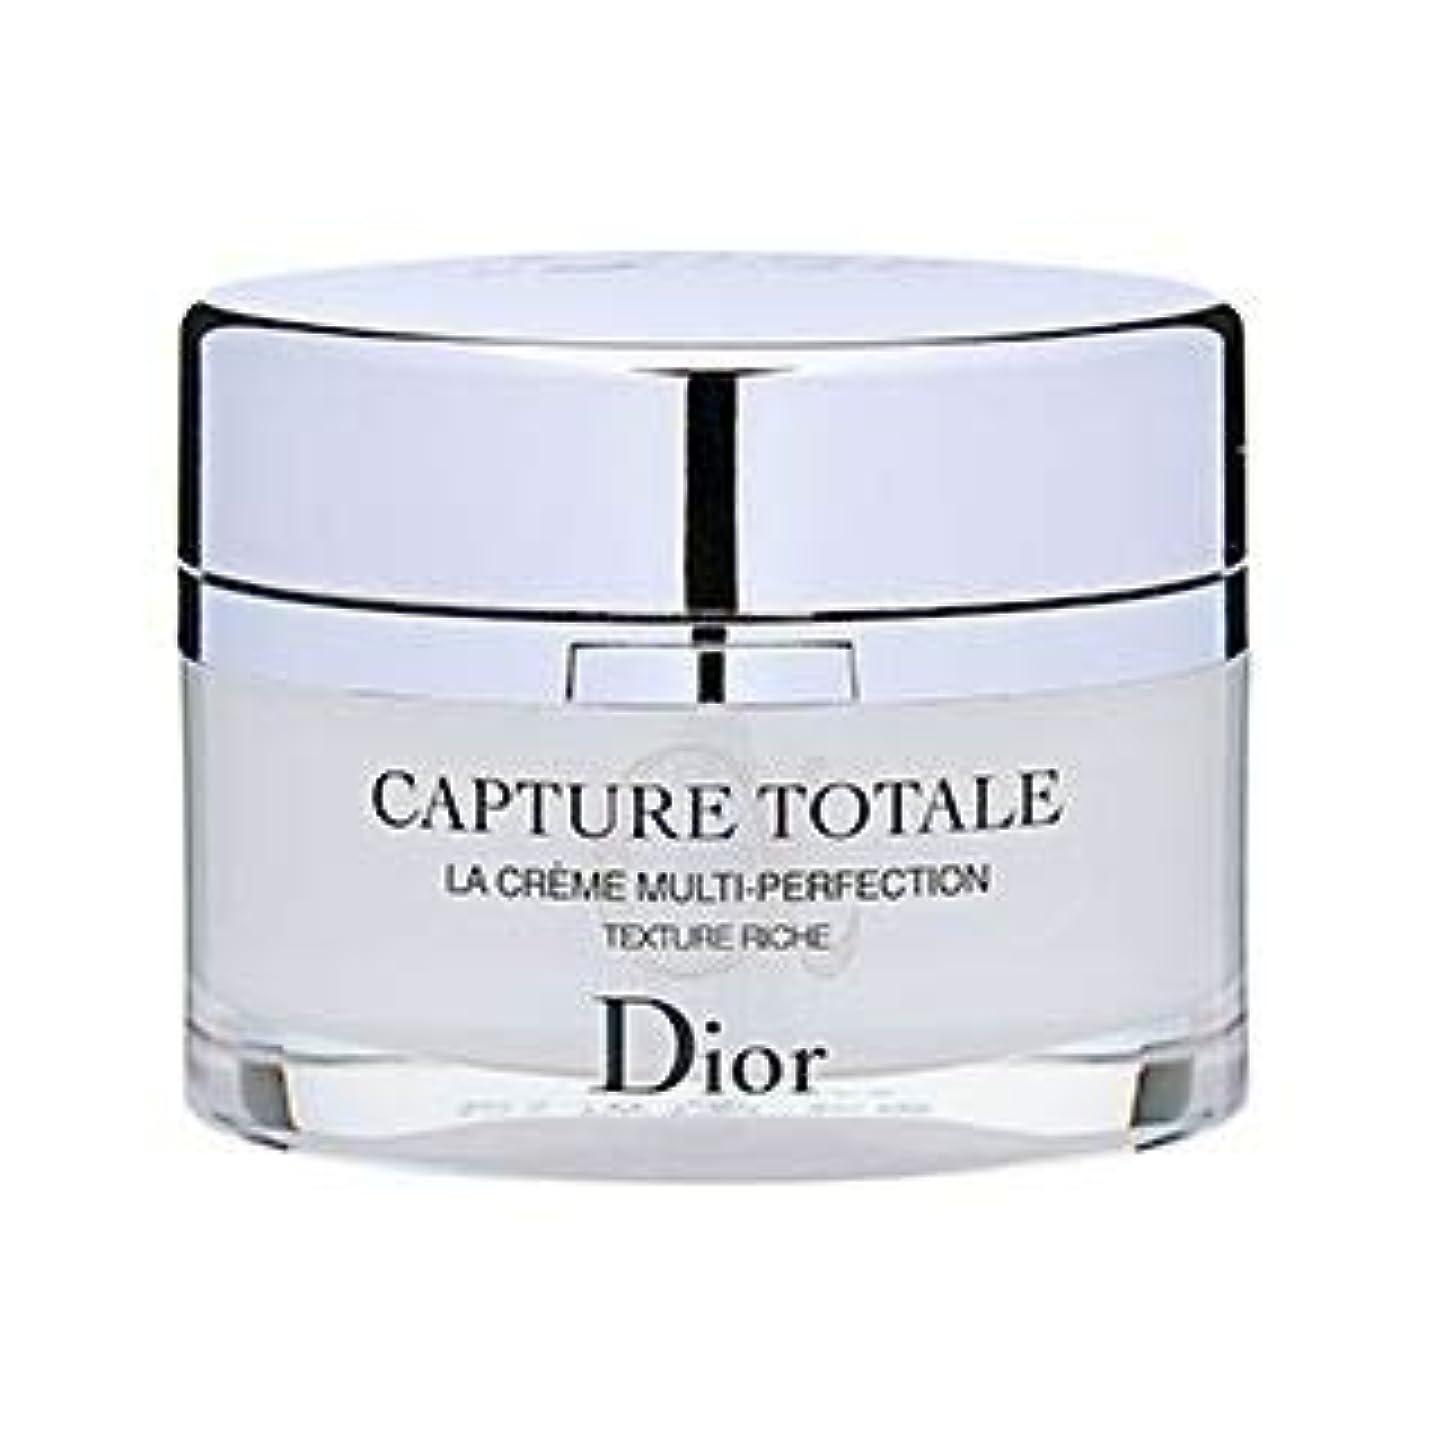 ディオール(Dior) カプチュール トータル リッチ クリーム [並行輸入品]